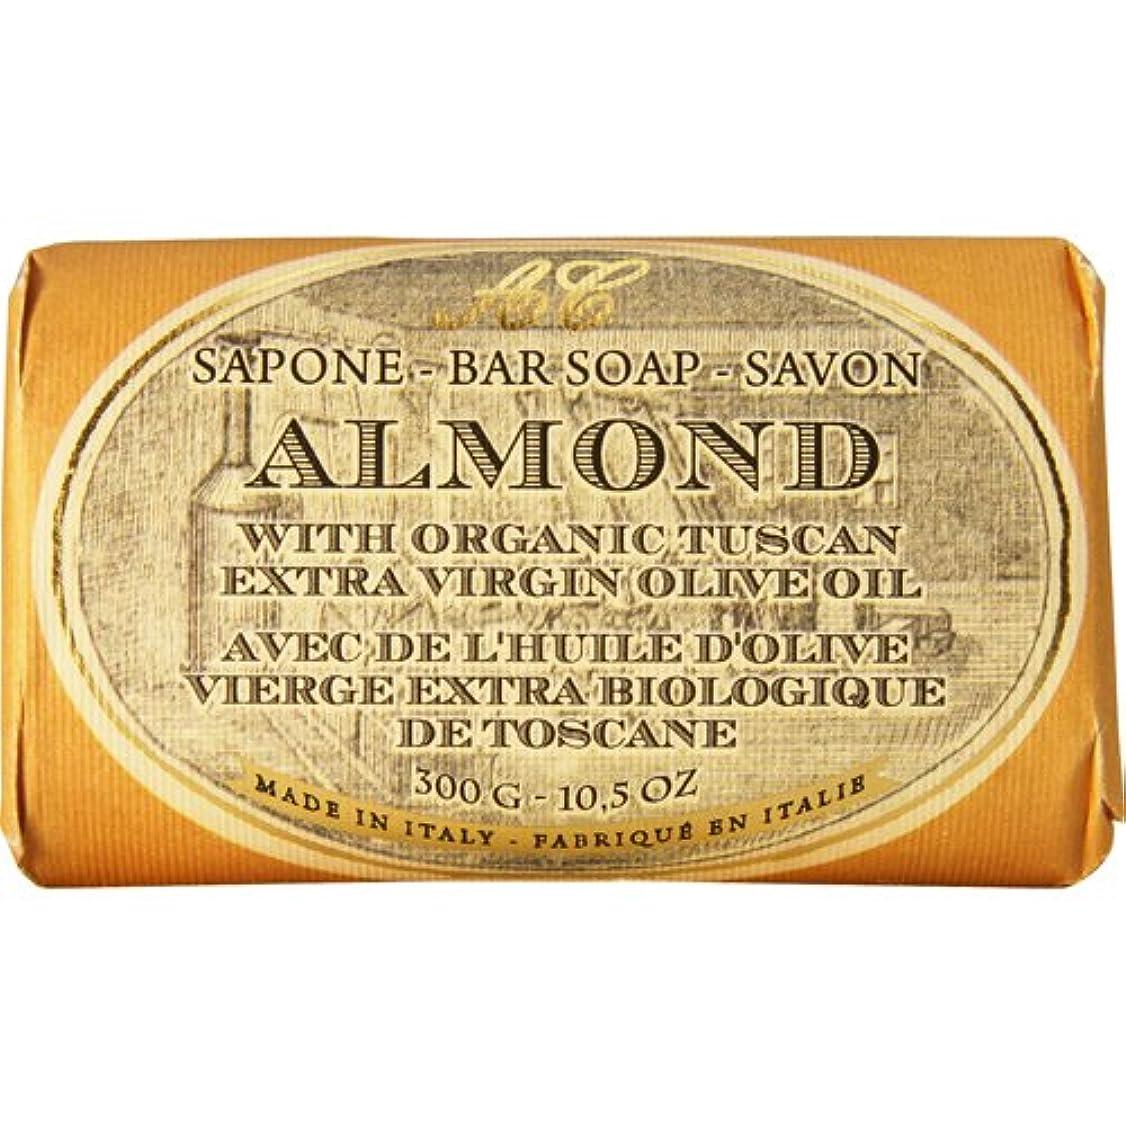 投資するシェア色Saponerire Fissi レトロシリーズ Bar Soap バーソープ 300g Almond アーモンドオイル